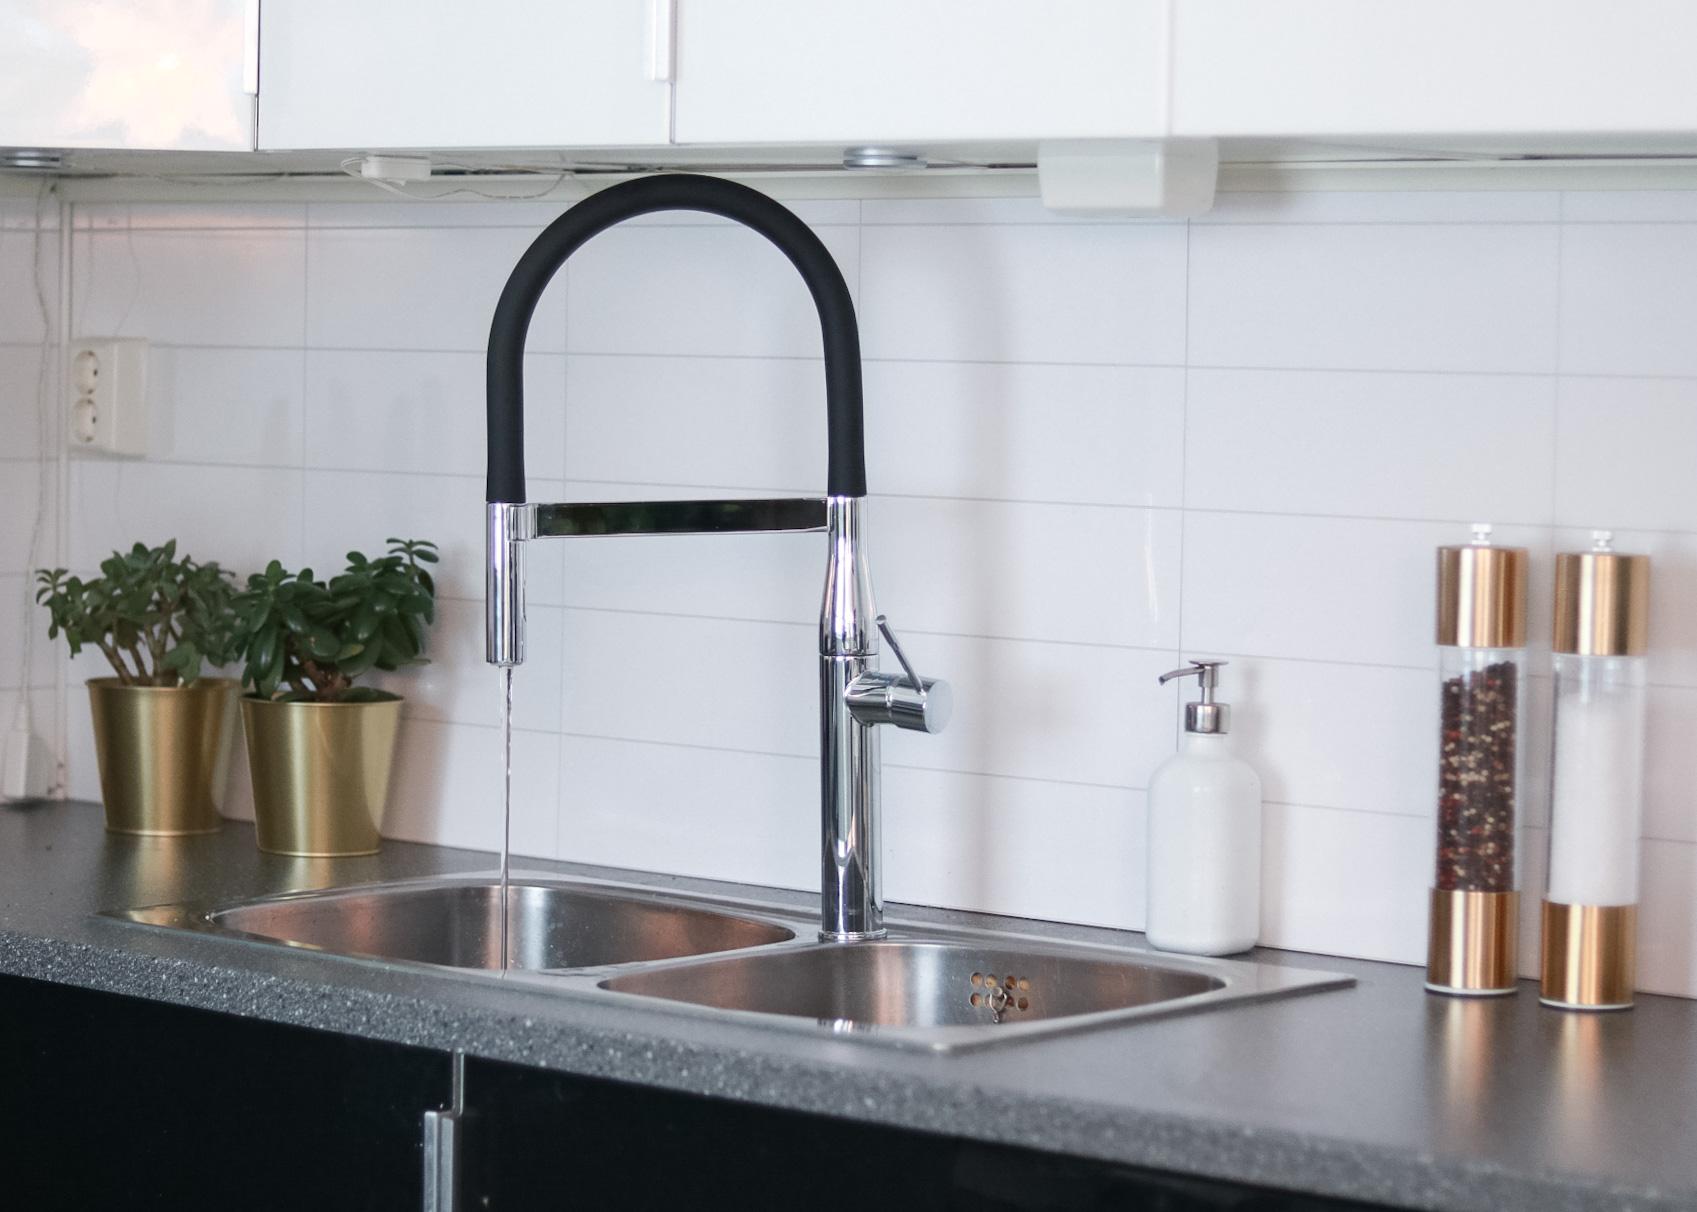 Nytt kjøkkenarmatur og du kan vinne likt! (GROHE Essence Pro.)